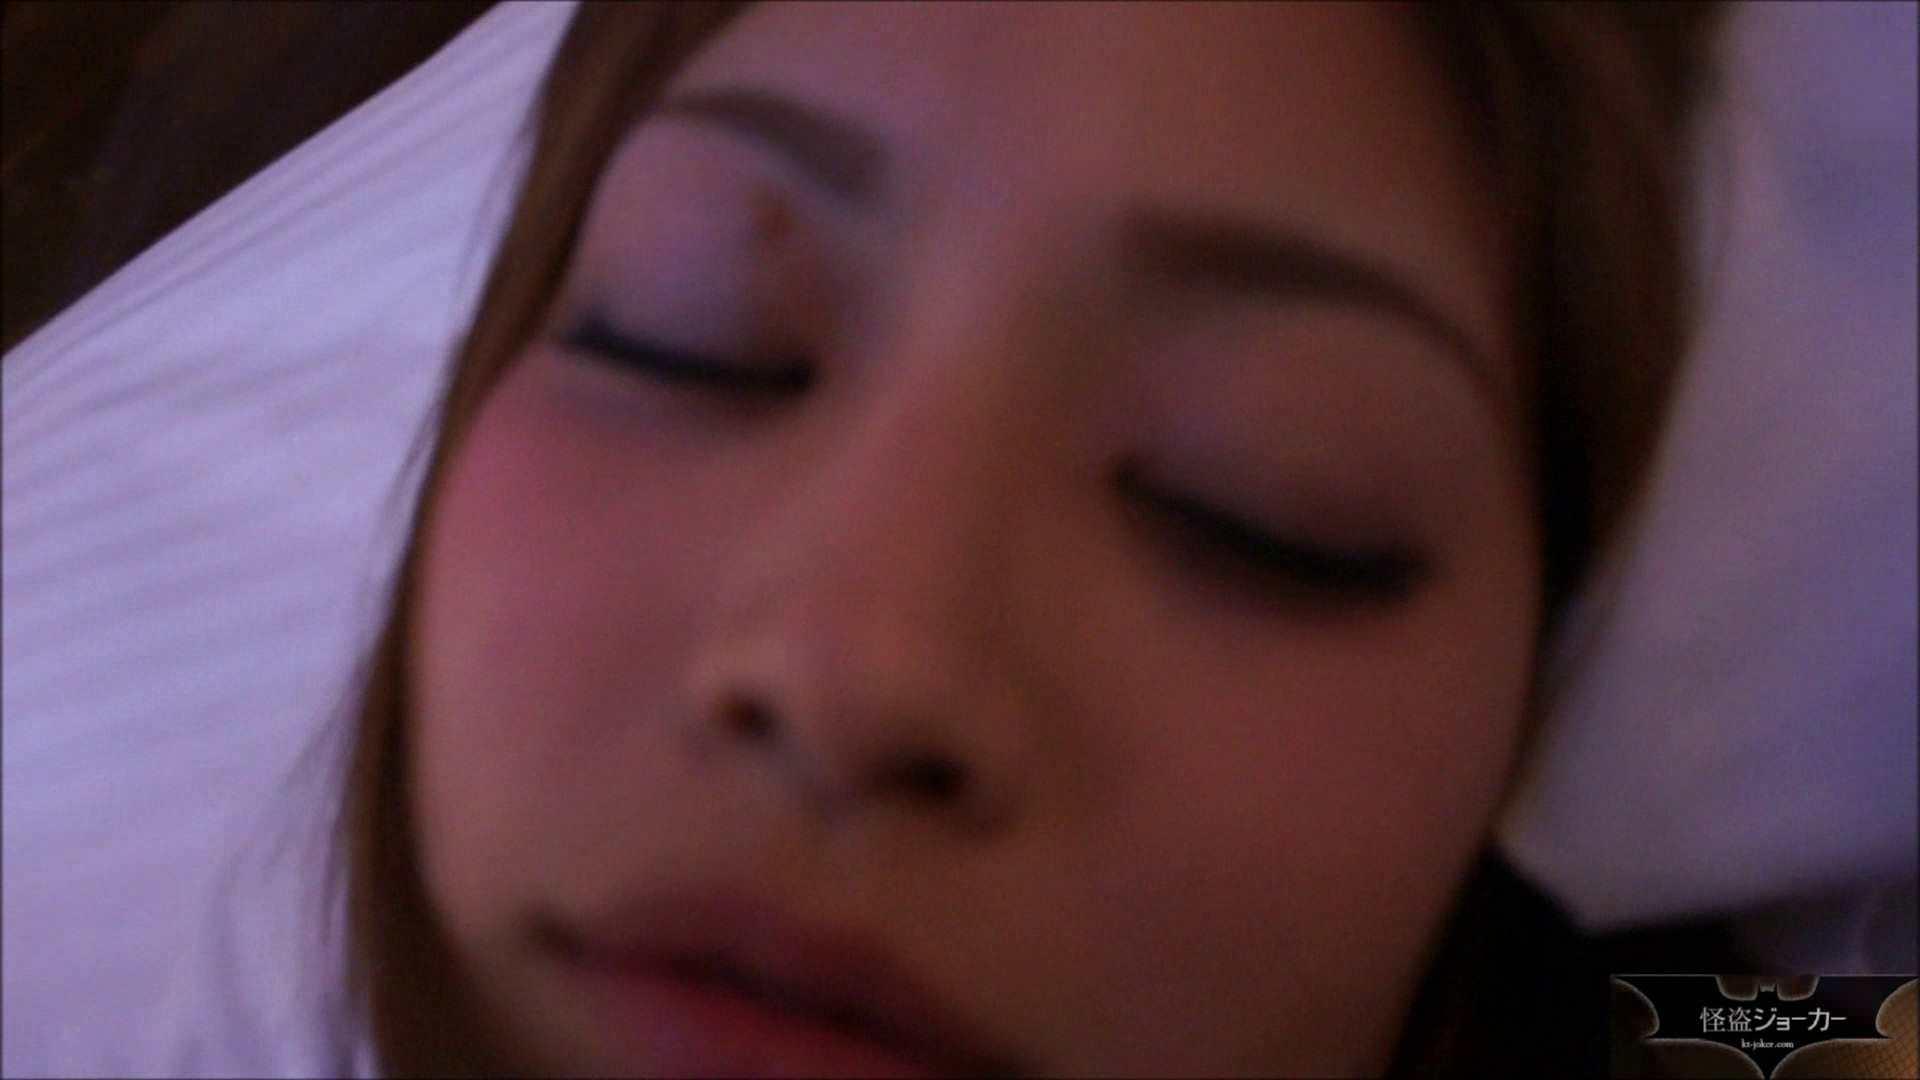 【未公開】vol.13 セレブ美魔女・ユキさんと初めて会った日。 OL  99pic 38